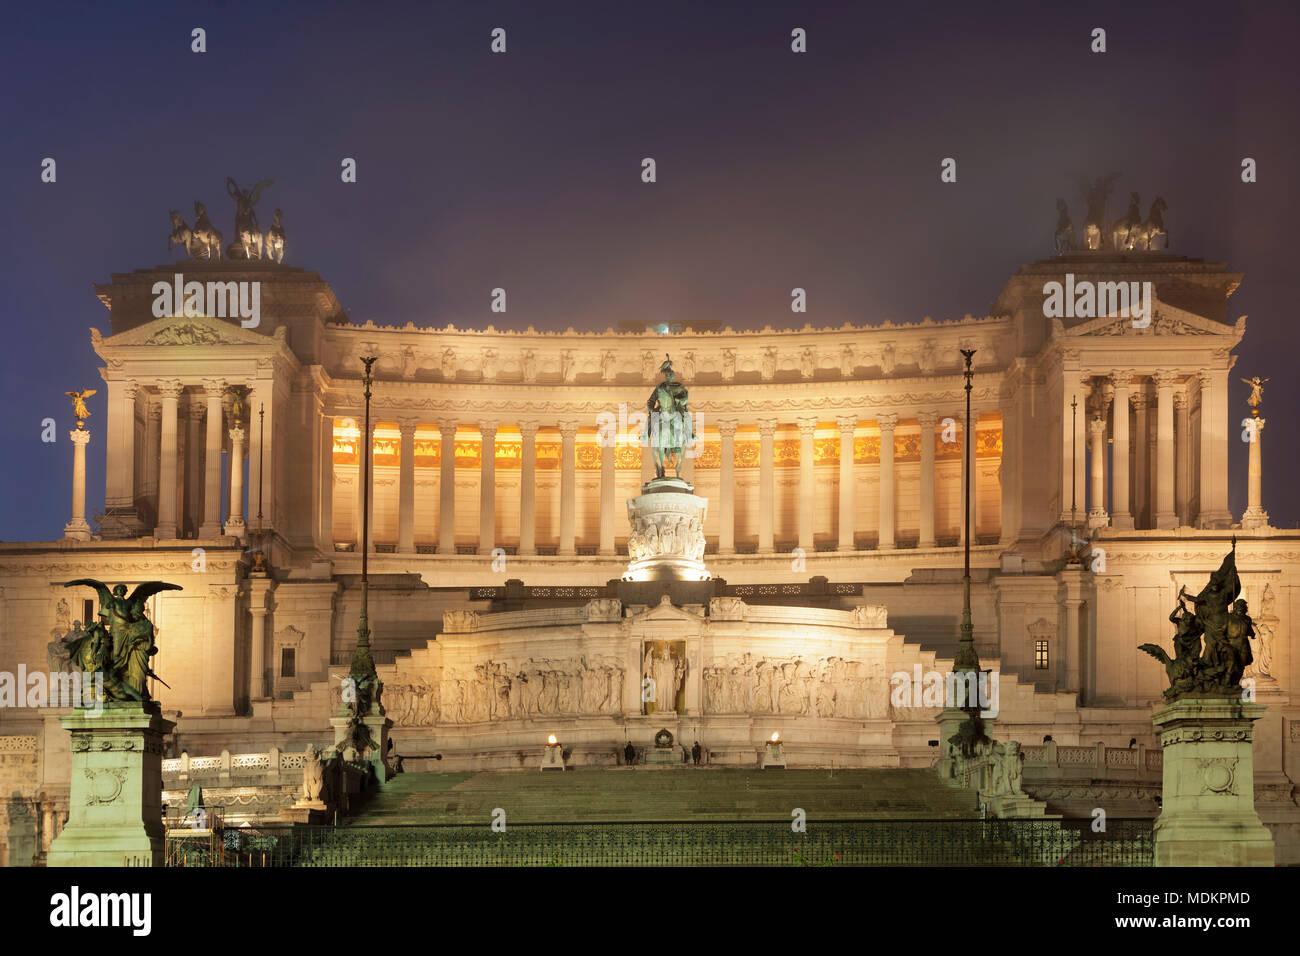 Vittoriano, monument de Vittorio Emanuele, monument de Vittorio Emanuele II, photo de nuit, la Place de Venise, Rome, Latium, Italie Photo Stock